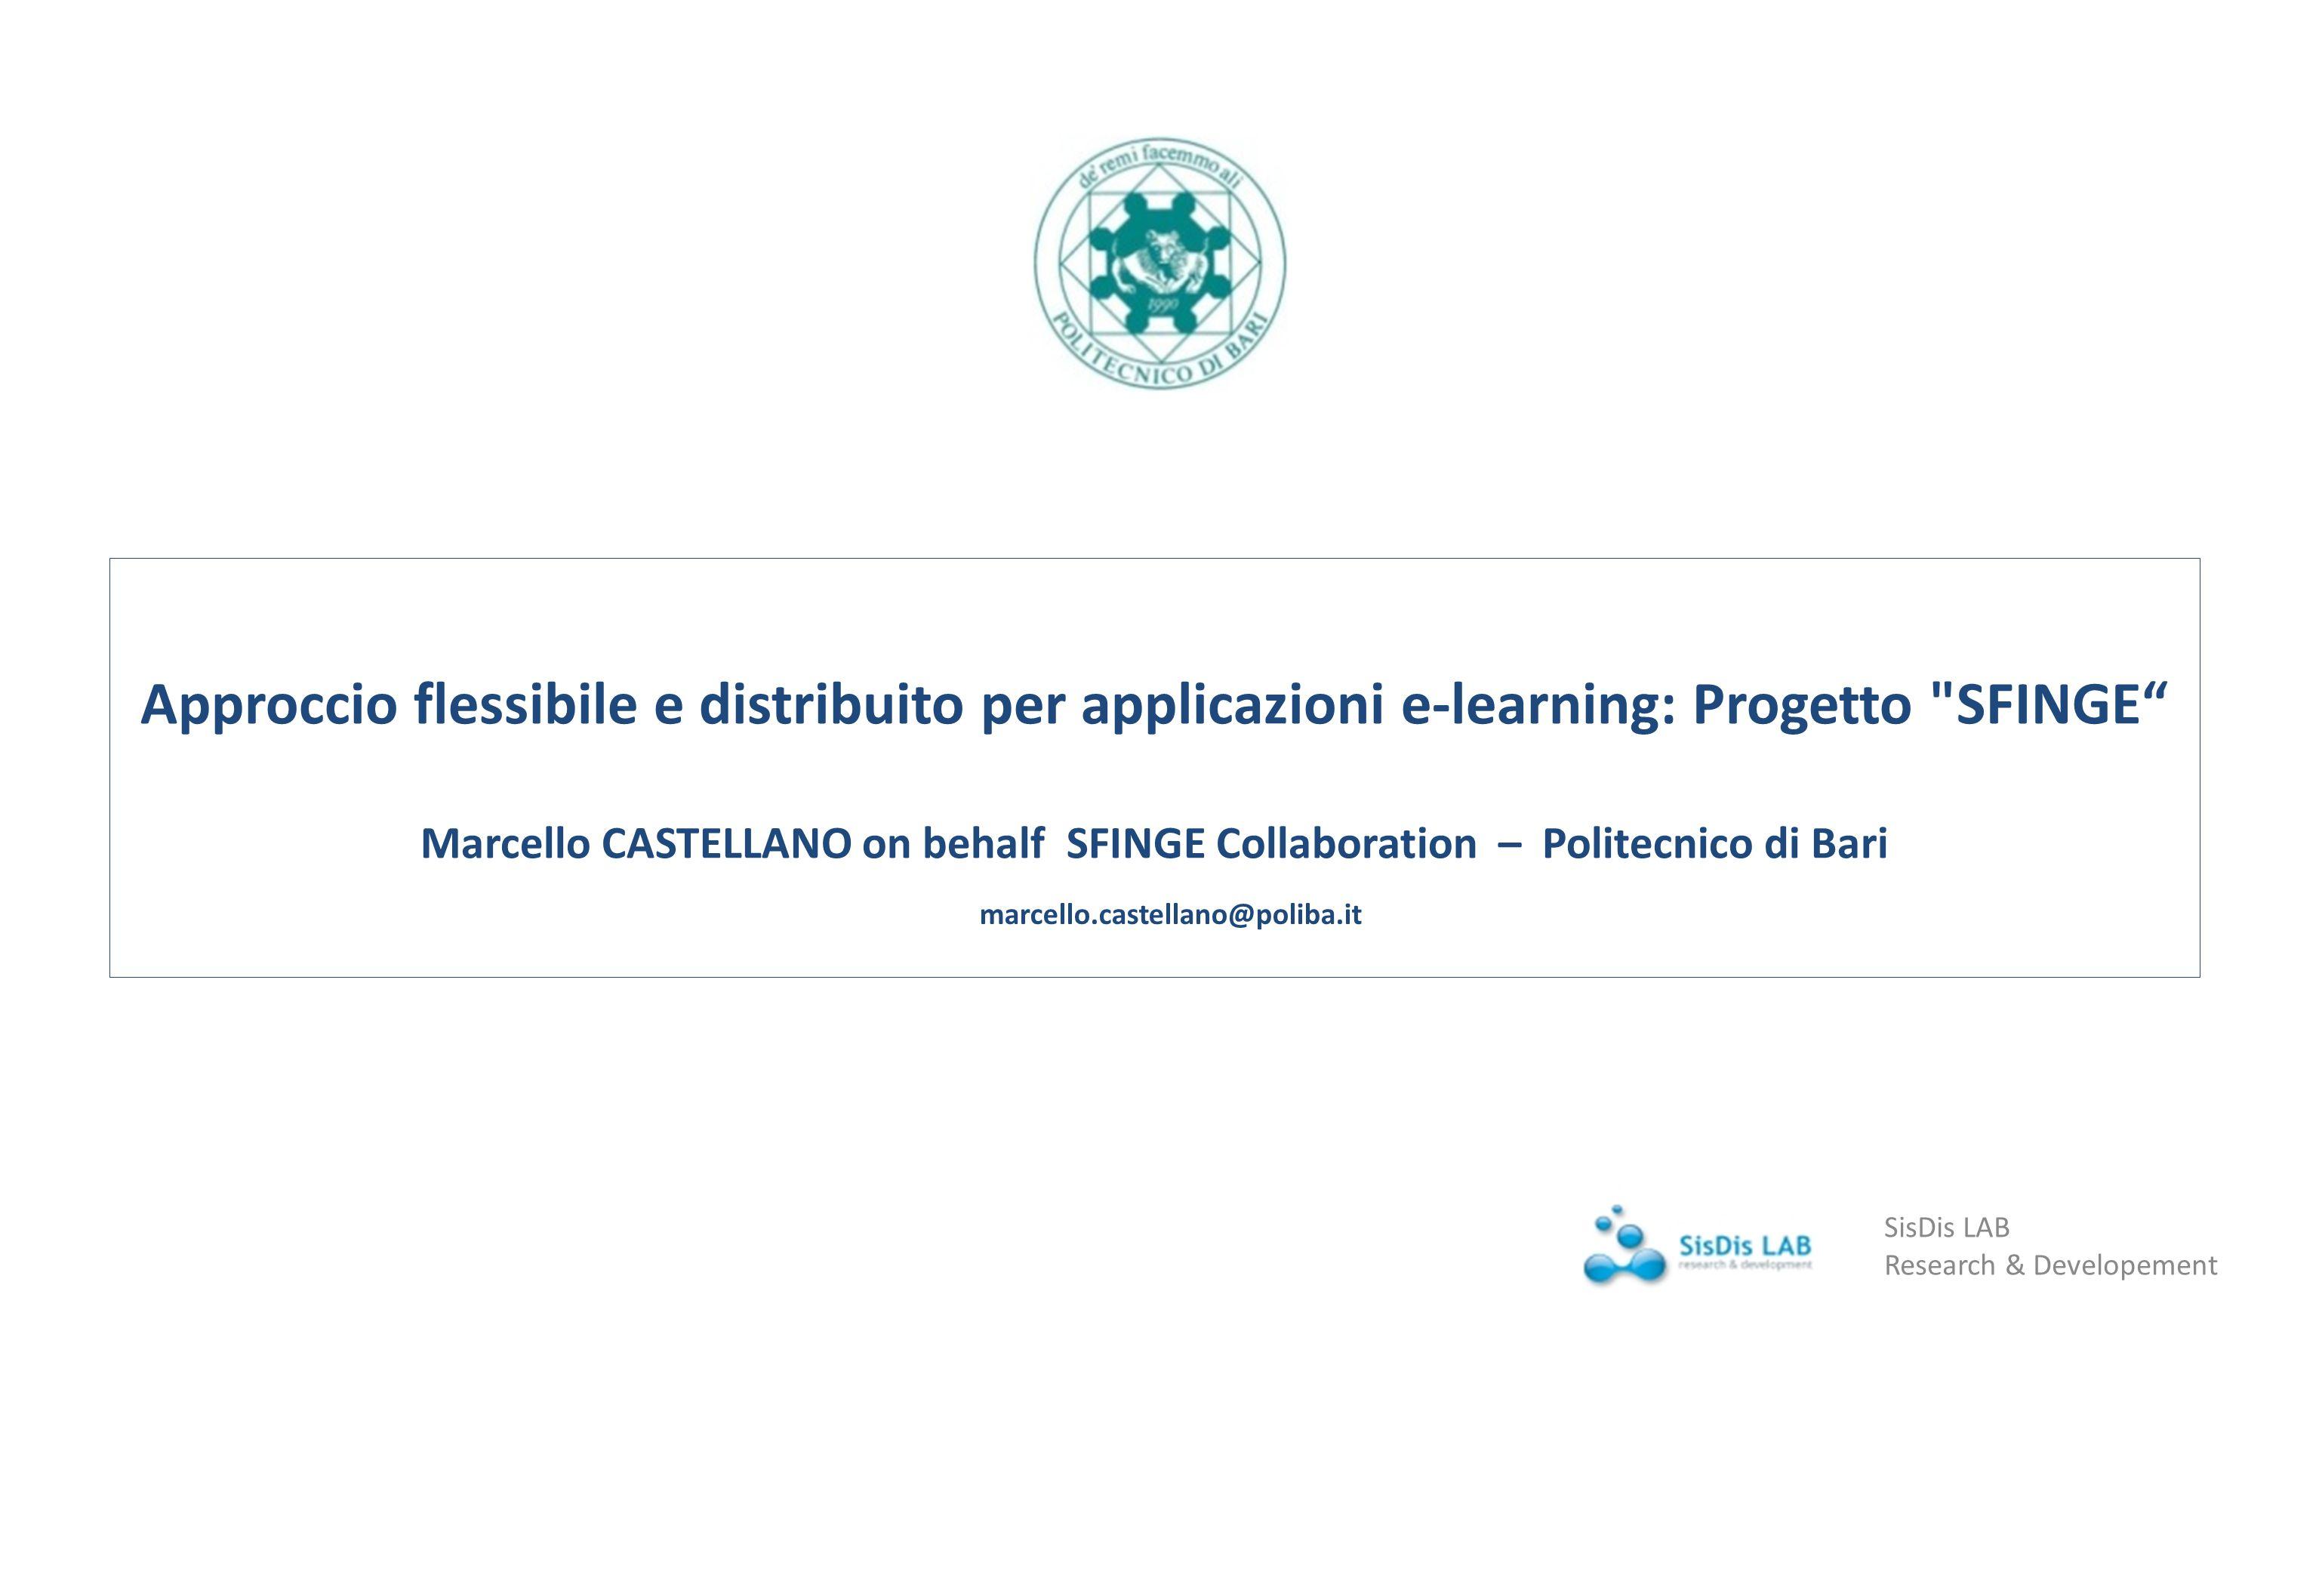 Approccio flessibile e distribuito per applicazioni e-learning: Progetto SFINGE